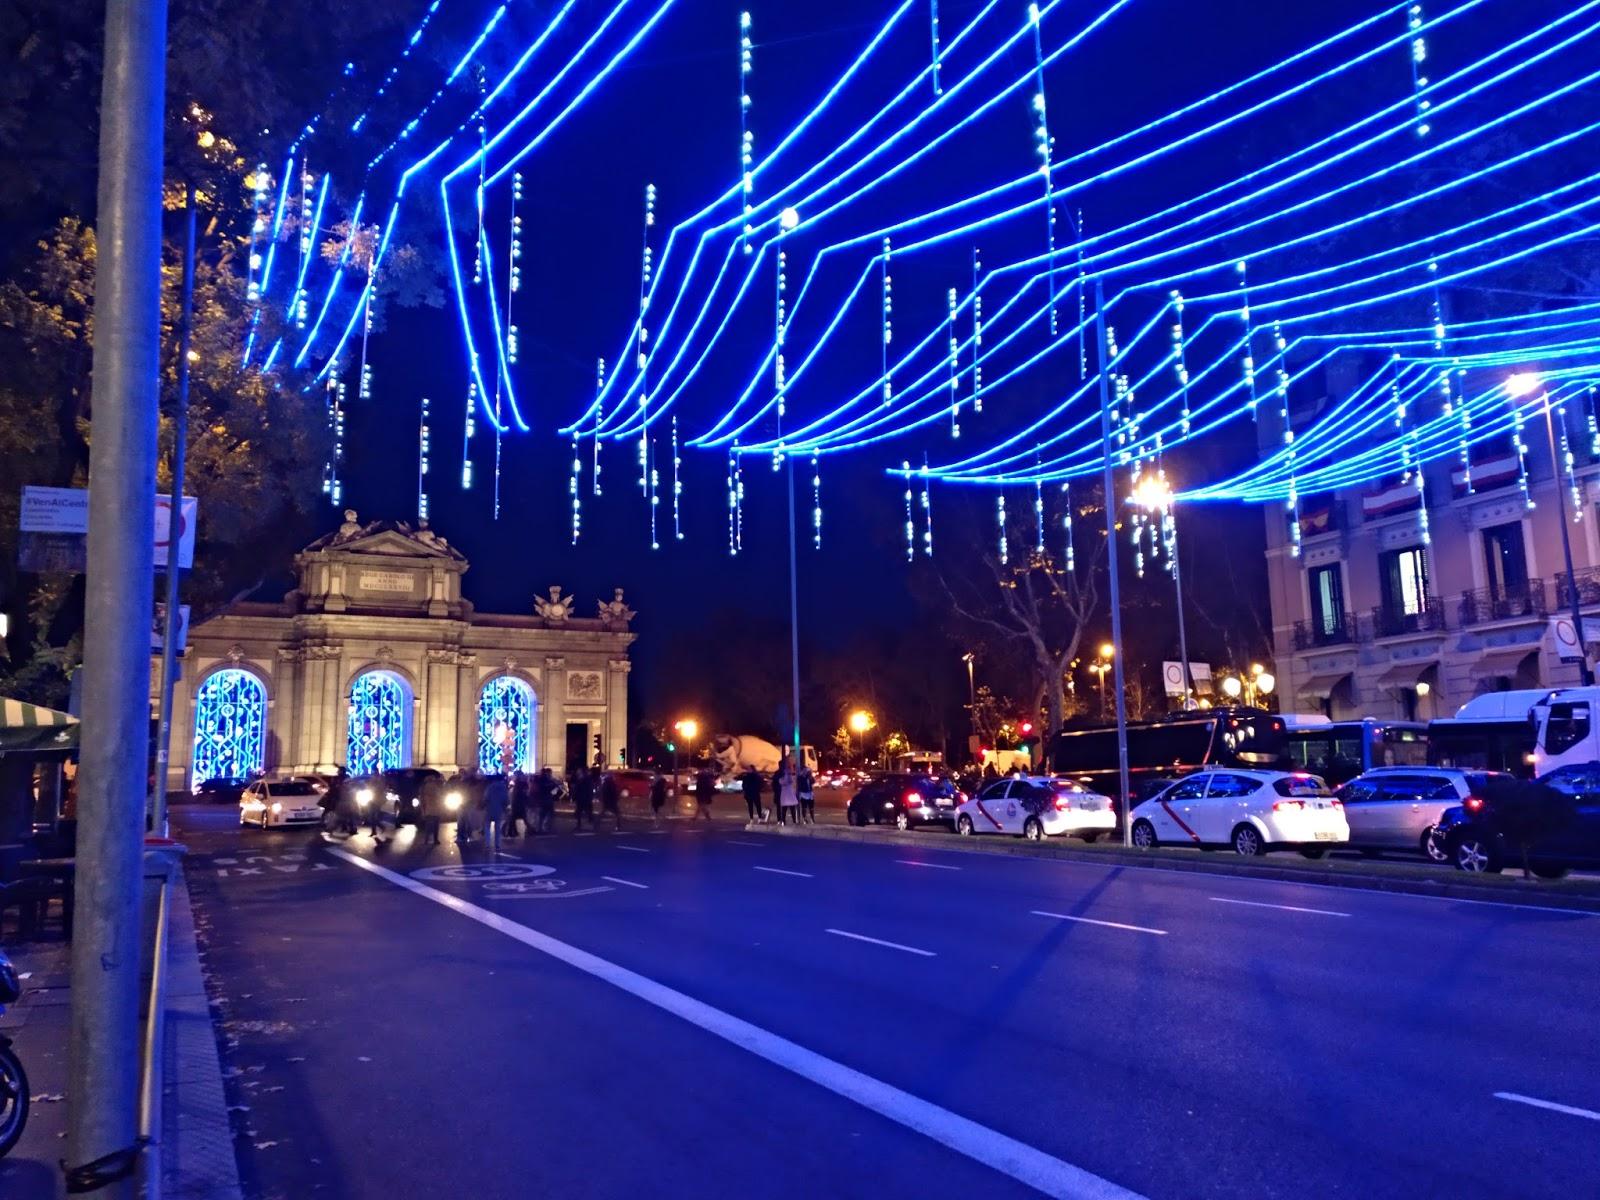 Nosolometro Que Hacer Este Fin De Semana En Madrid ~ Madrid Que Hacer Este Fin De Semana